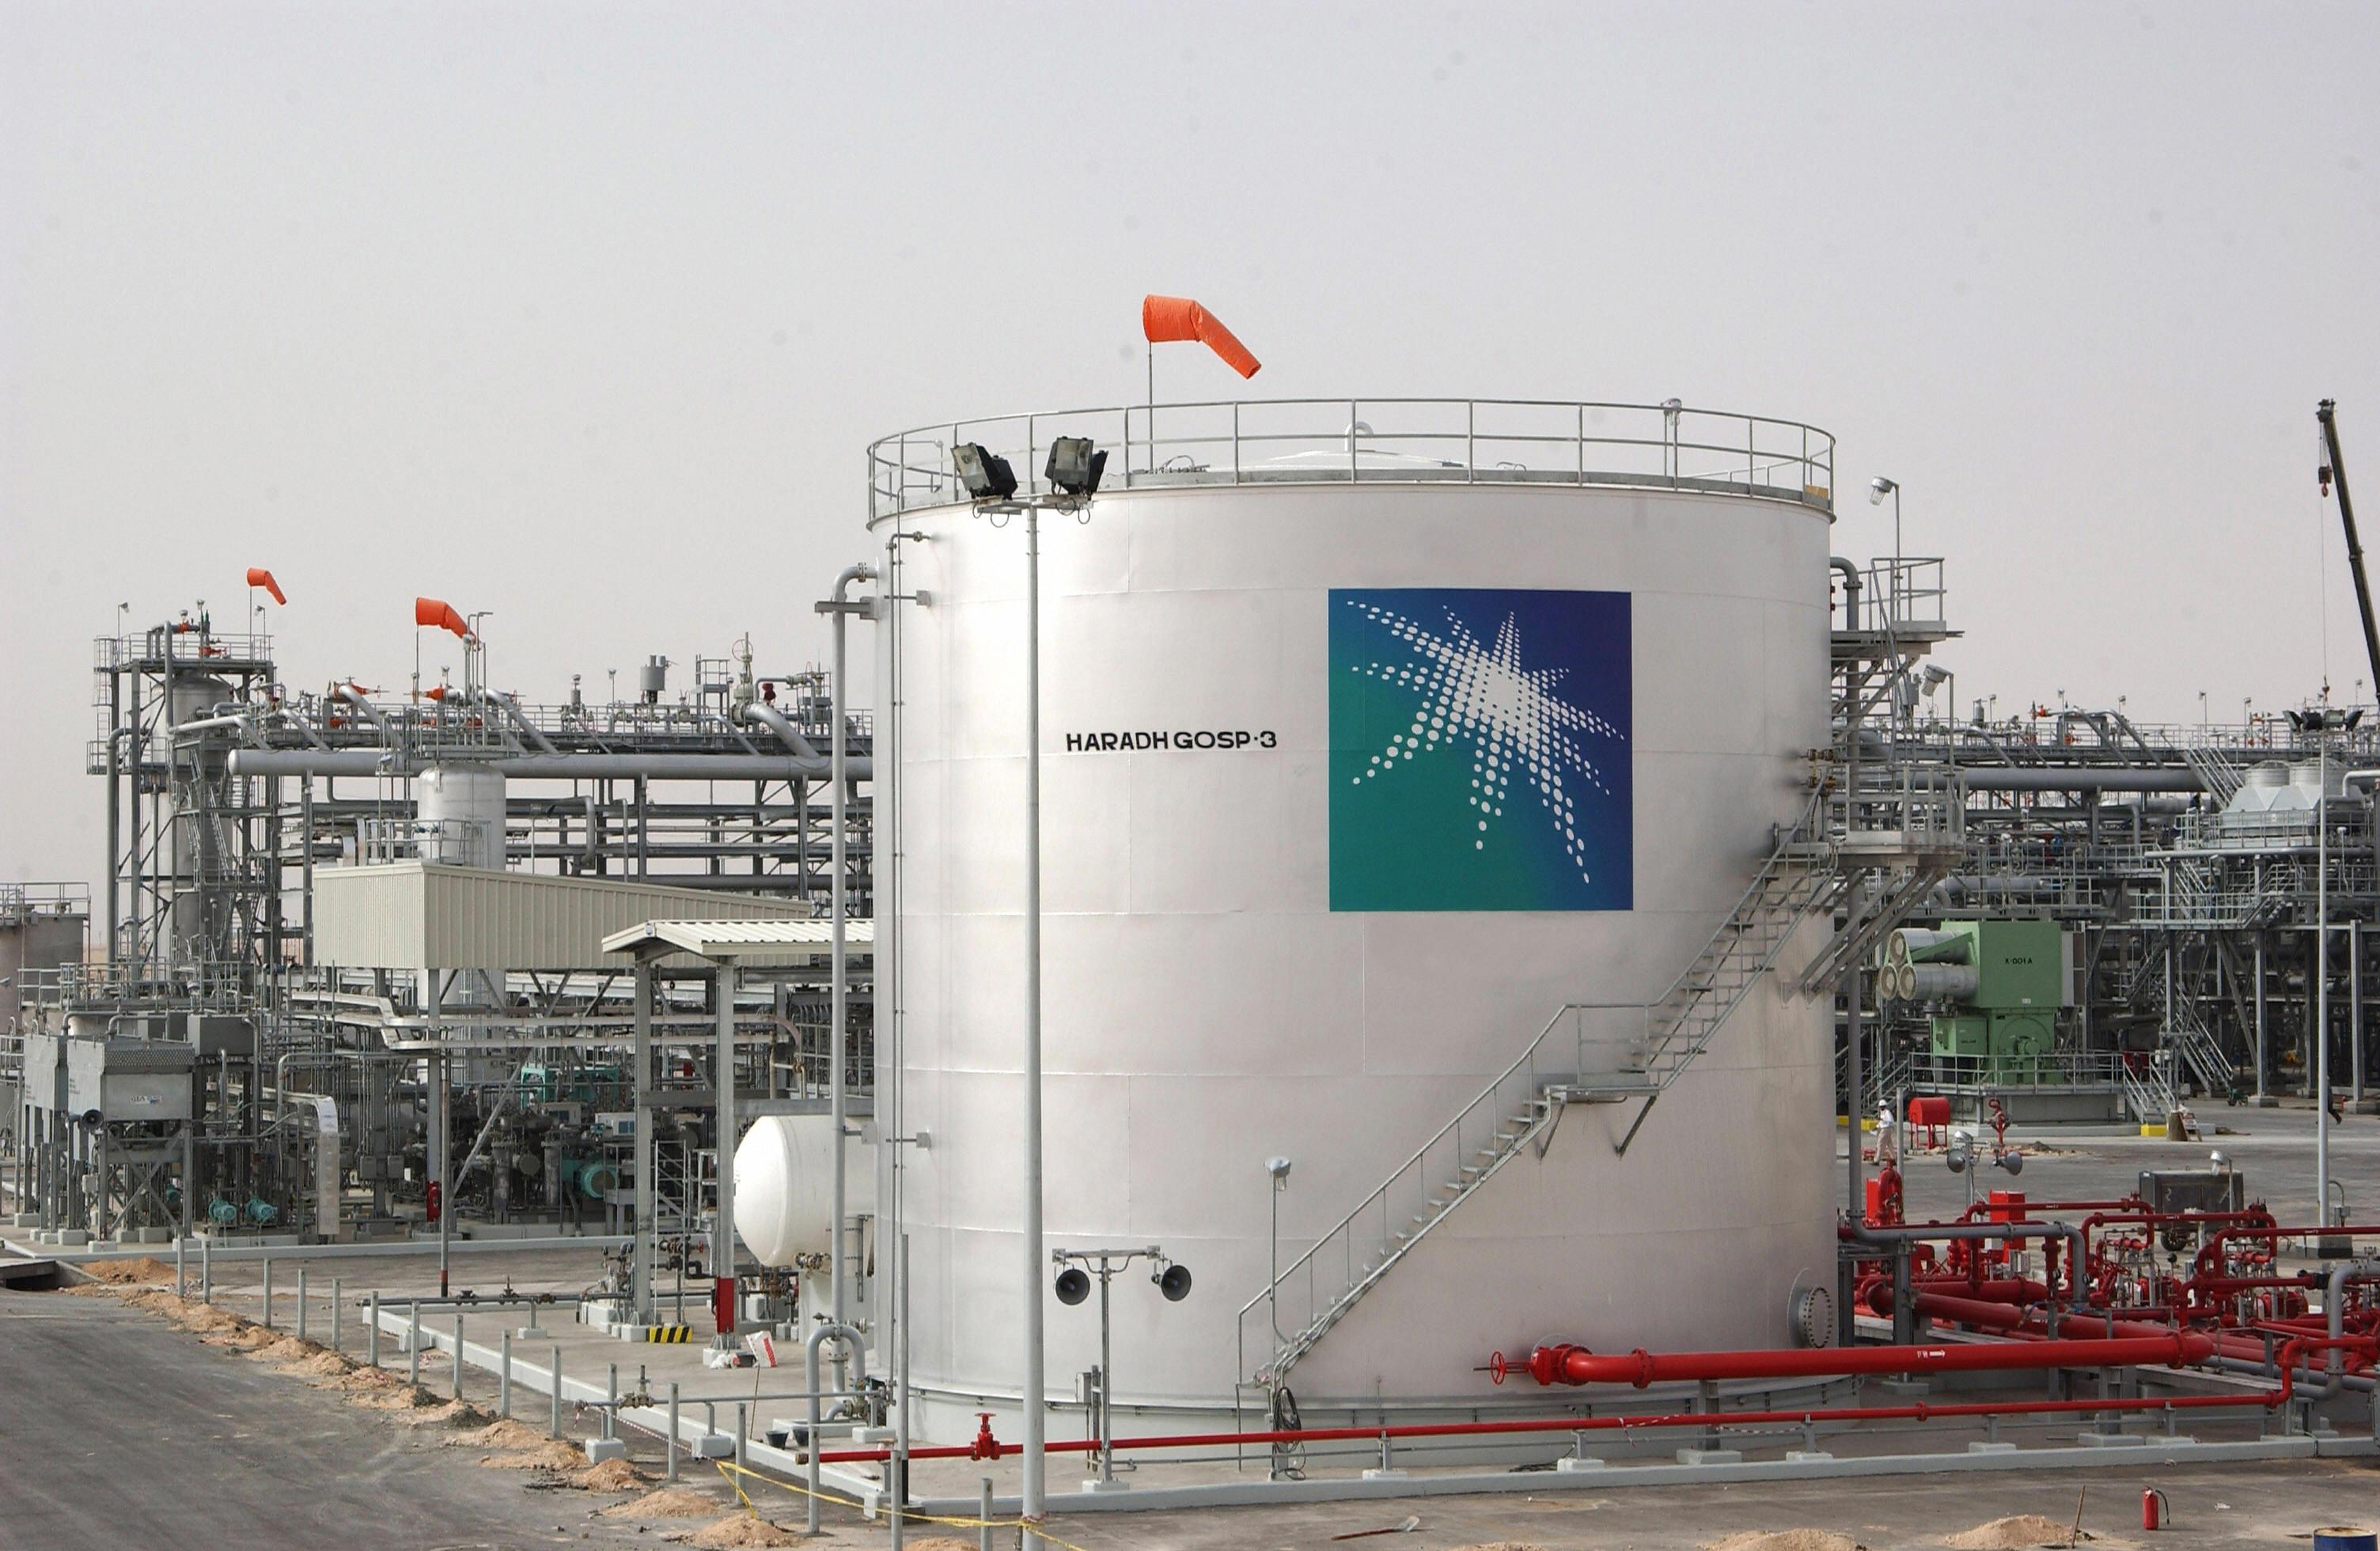 بلومبيرغ: السعودية تعلن قريبا البورصة المستضيفة لطرح